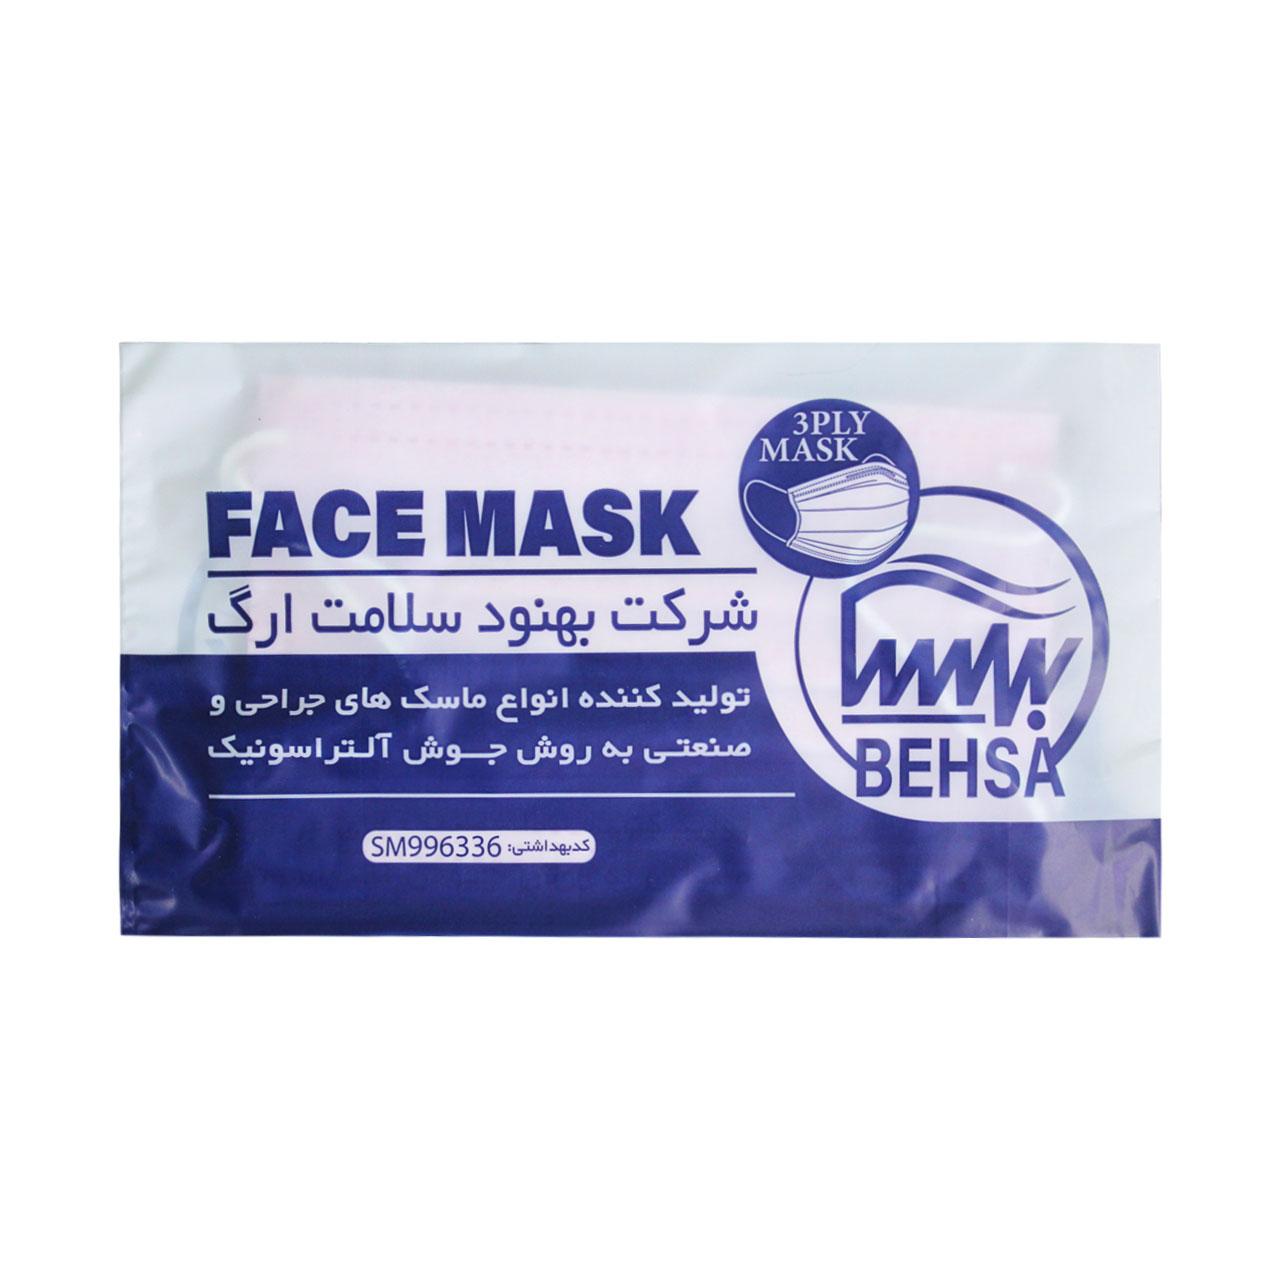 ماسک تنفسی بهسا مدلسه لایه BSA-05-Pi بسته 5 عددی